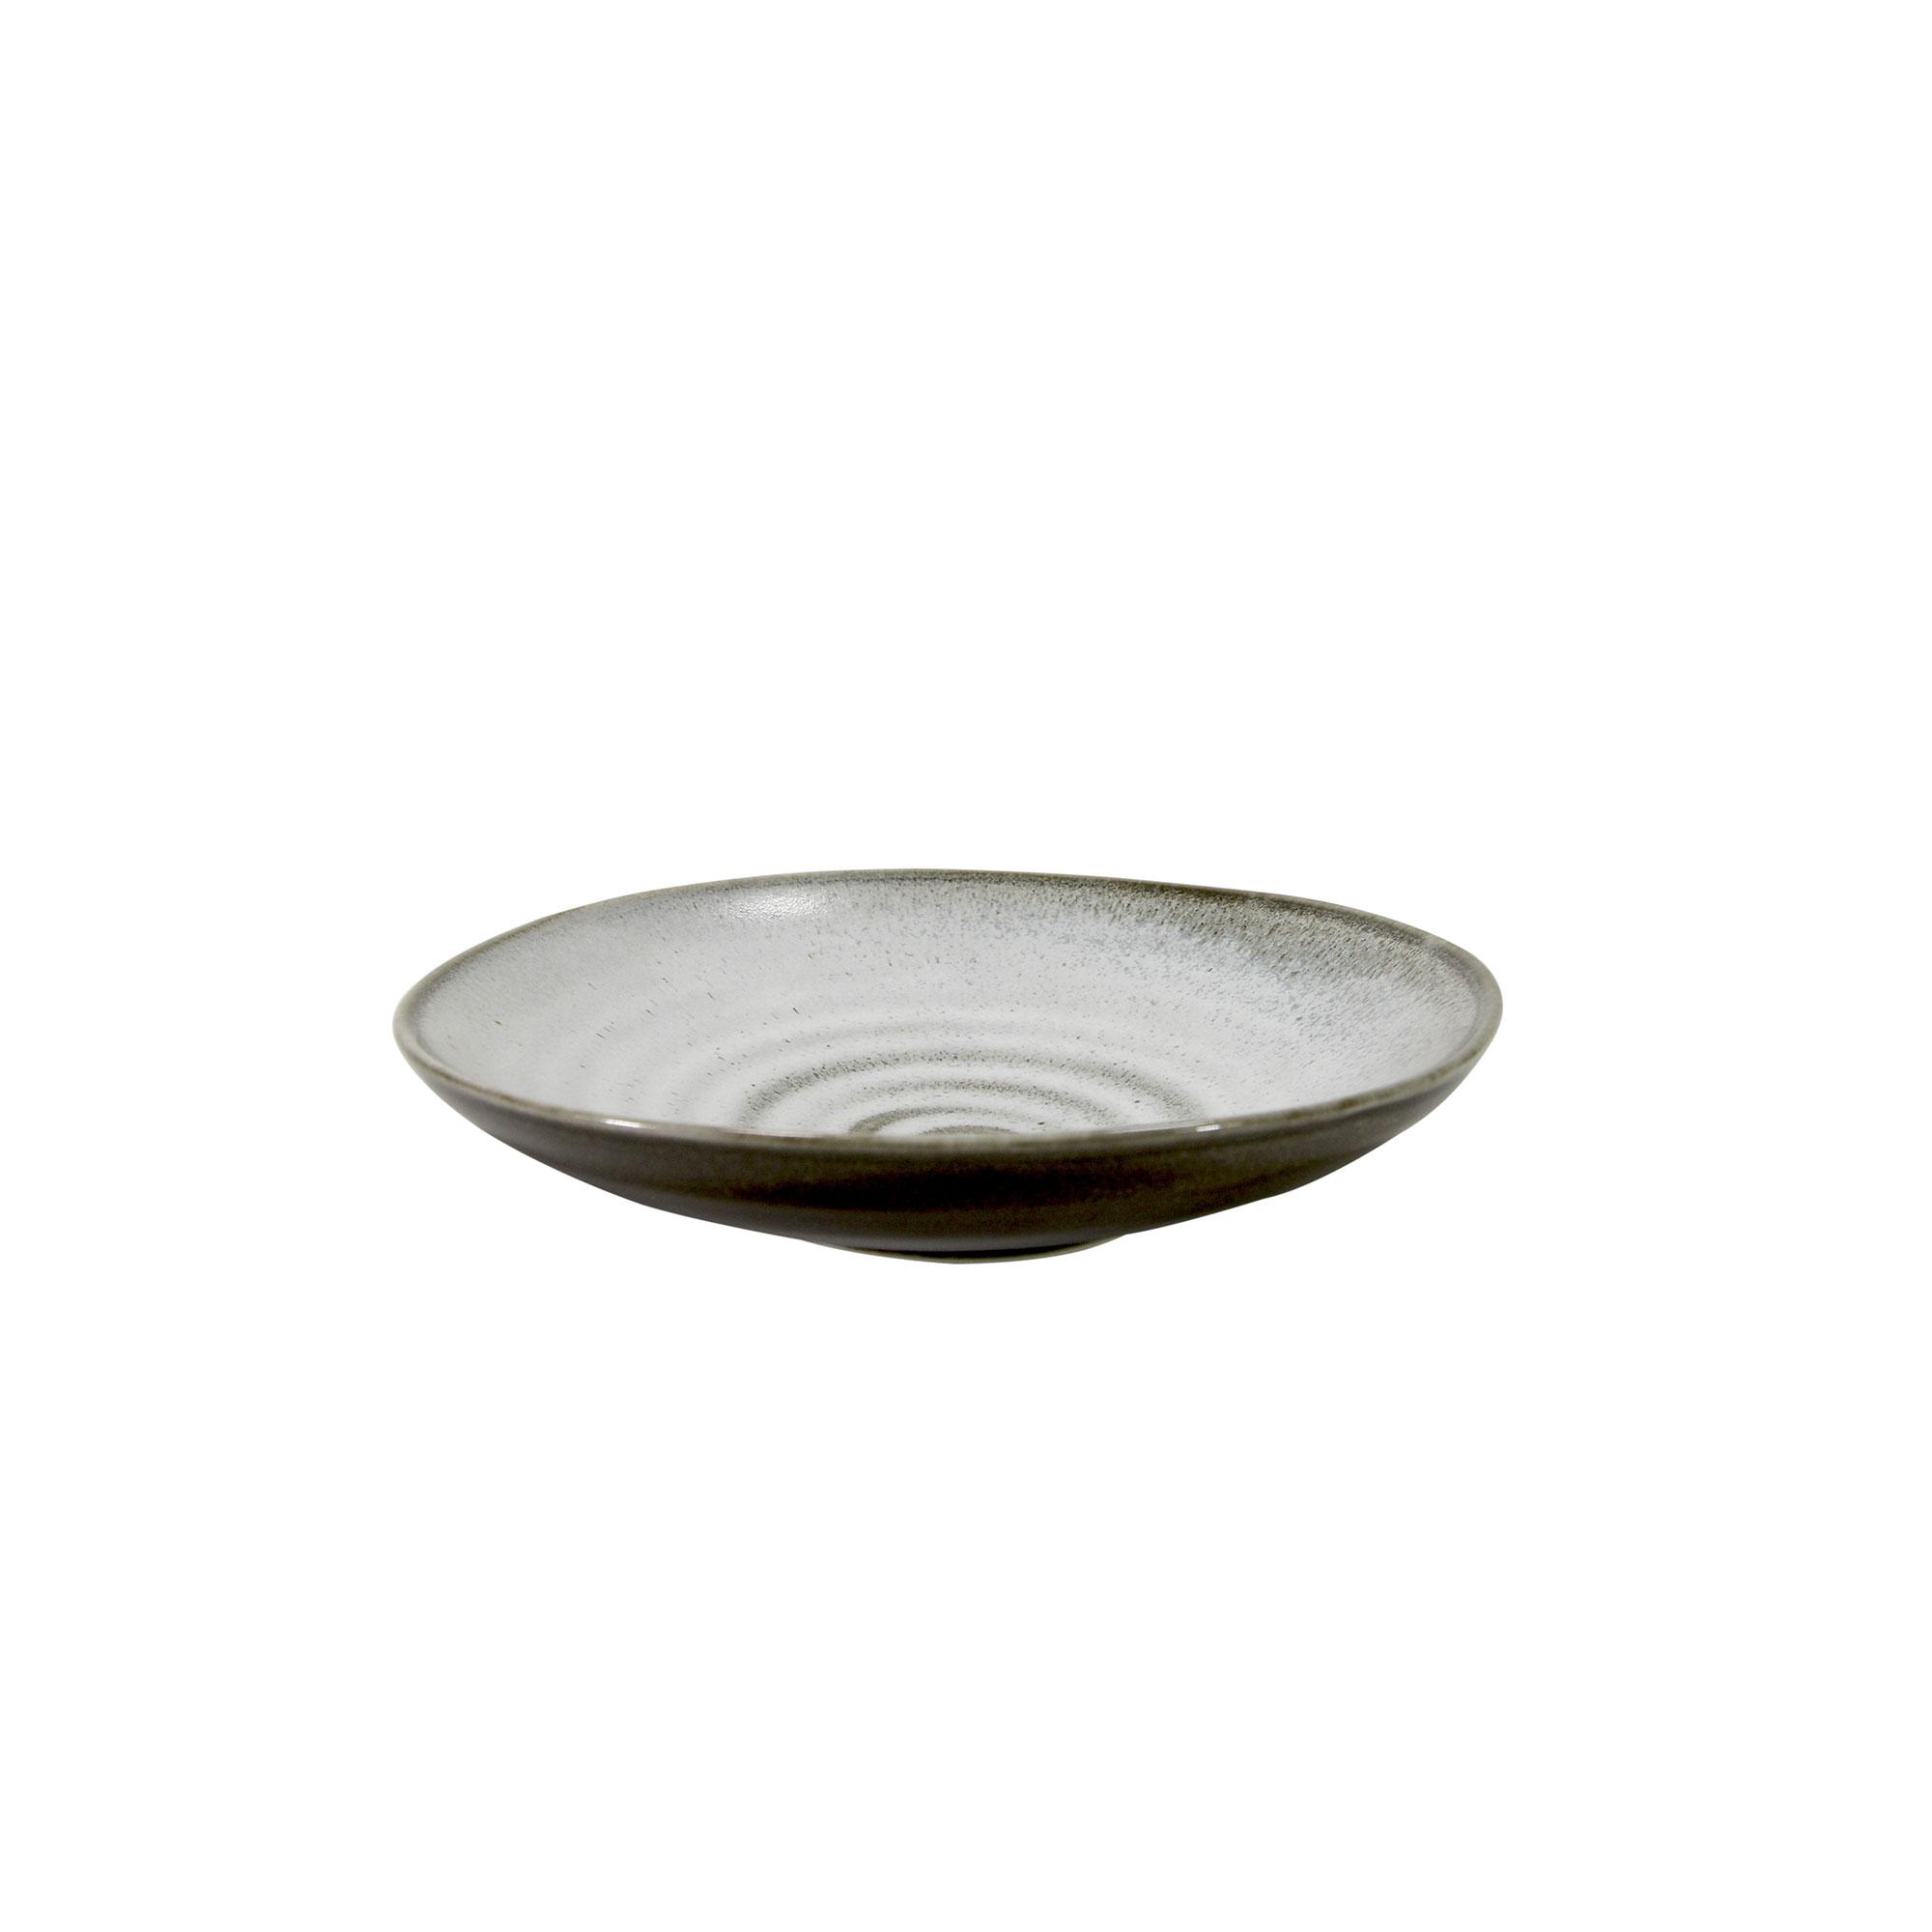 Coupelle en porcelaine gris 16.5 cm - Lot de 5